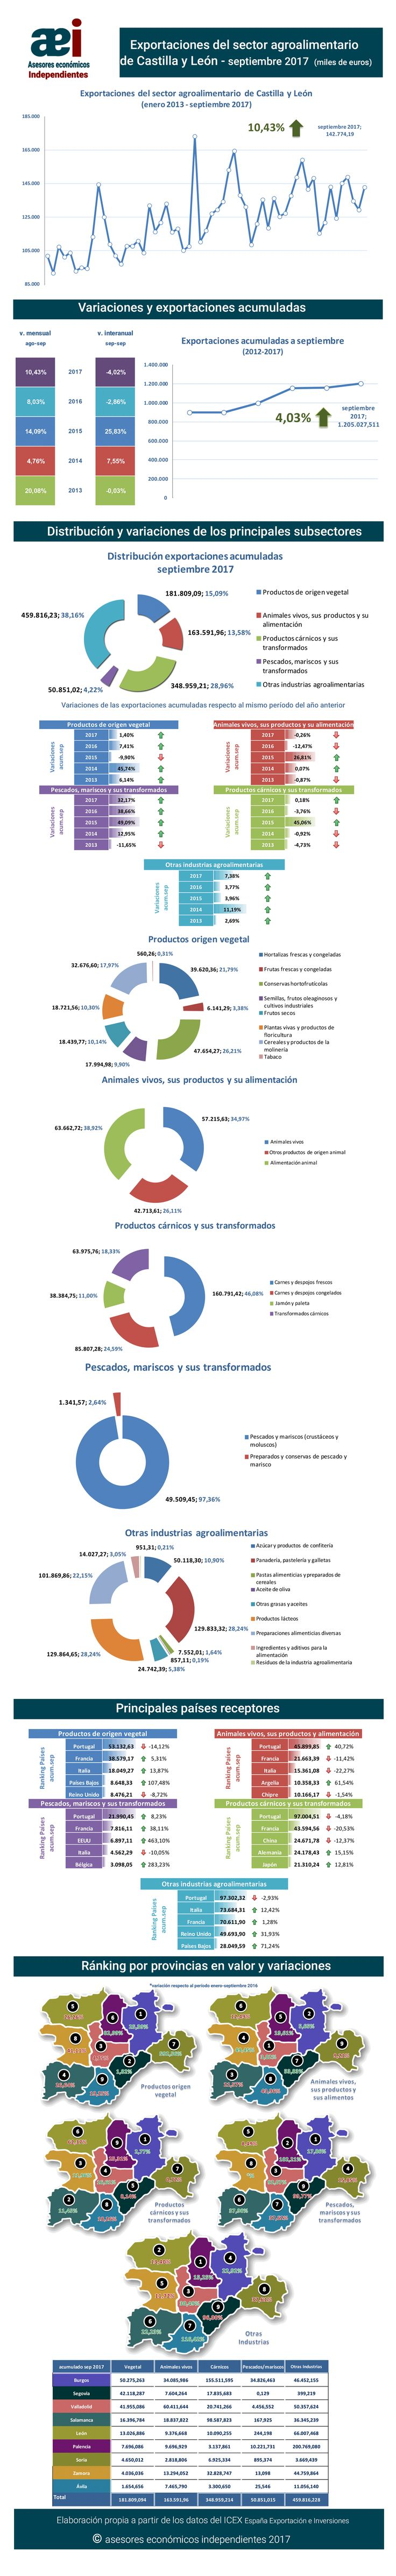 infografía de exportaciones del sector agroalimentario de Castilla y León en el mes de septiembre 2017 realizada por Javier Méndez Lirón para asesores económicos independientes